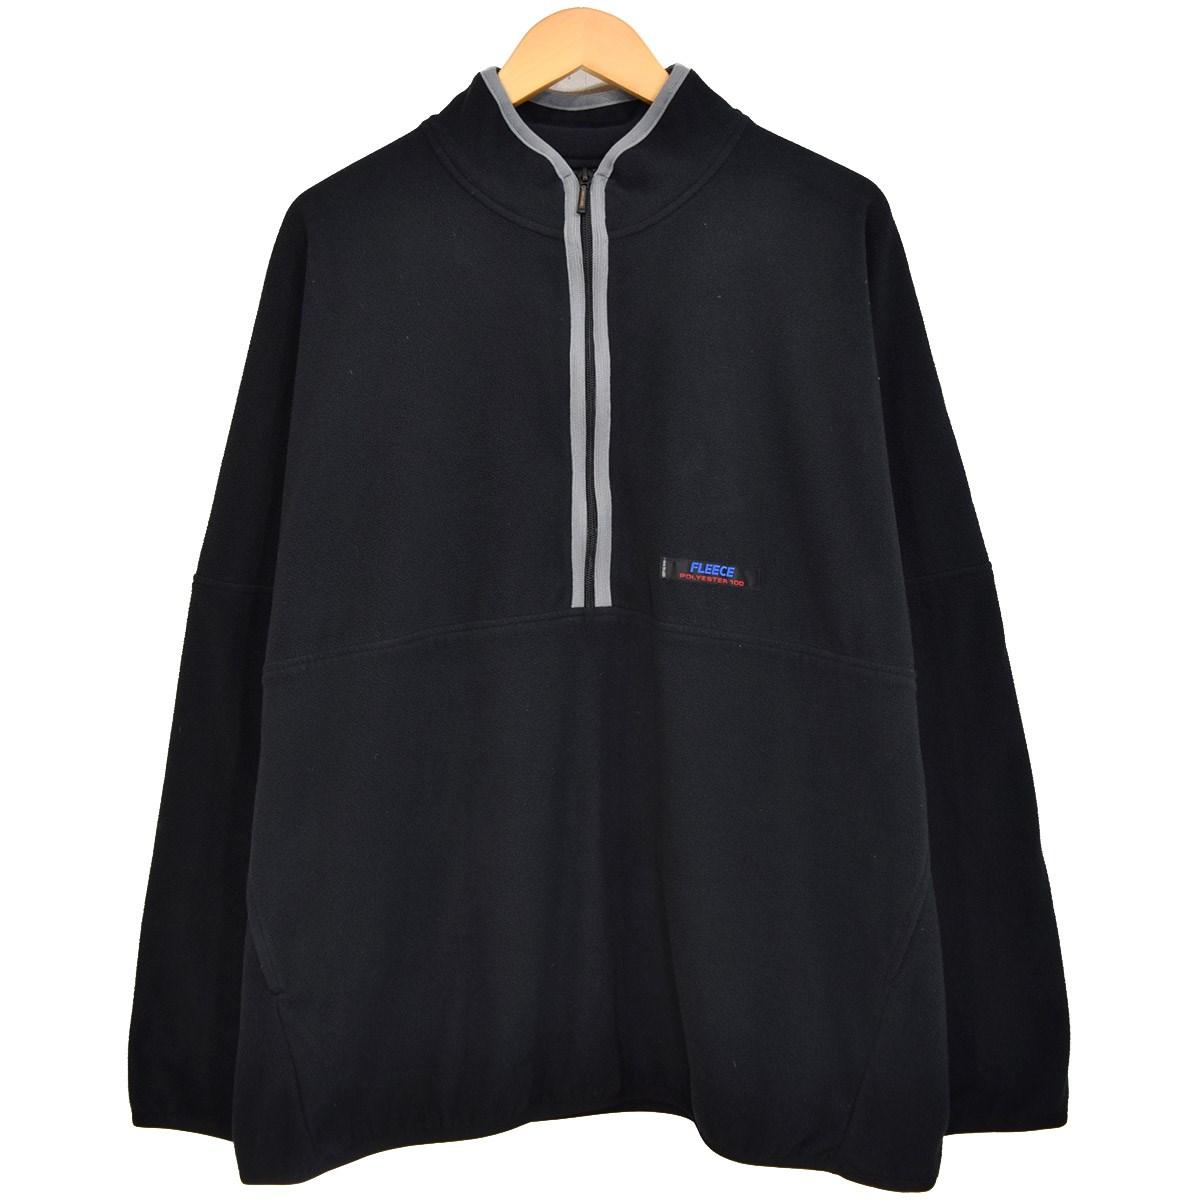 【中古】DAIRIKU Dolman-Sleeve Fleece Sweater ハーフジップフリースプルオーバー ブラック サイズ:ONE SIZE 【170320】(ダイリク)